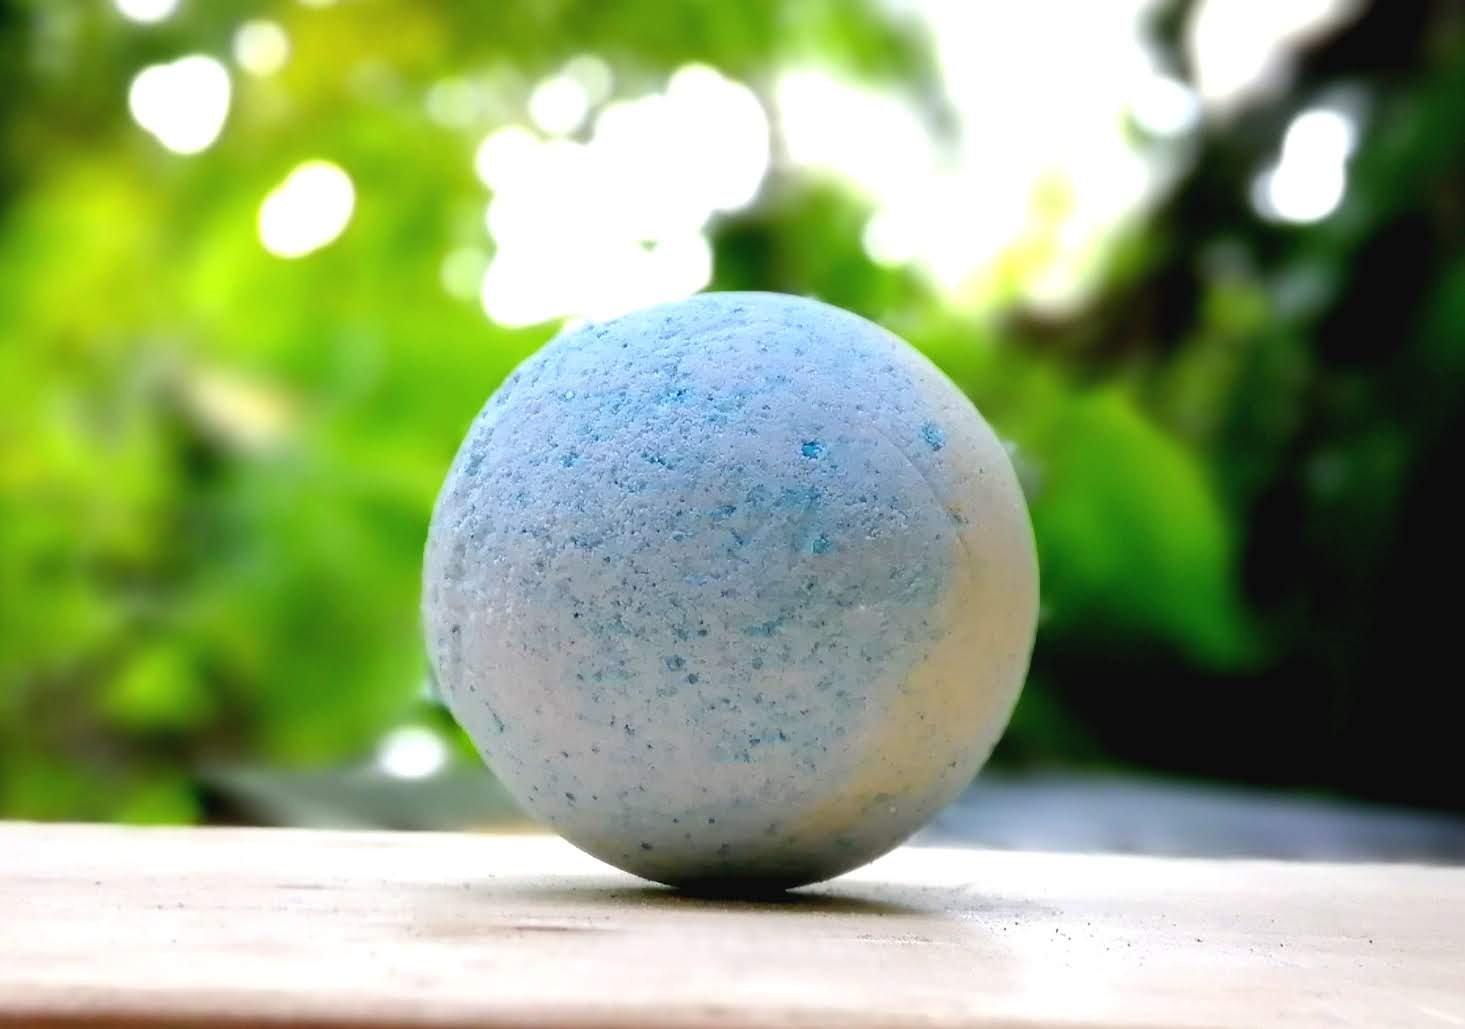 ☆人気 No4 石垣島産海塩(石垣の塩)を使ったバスボムづくり体験